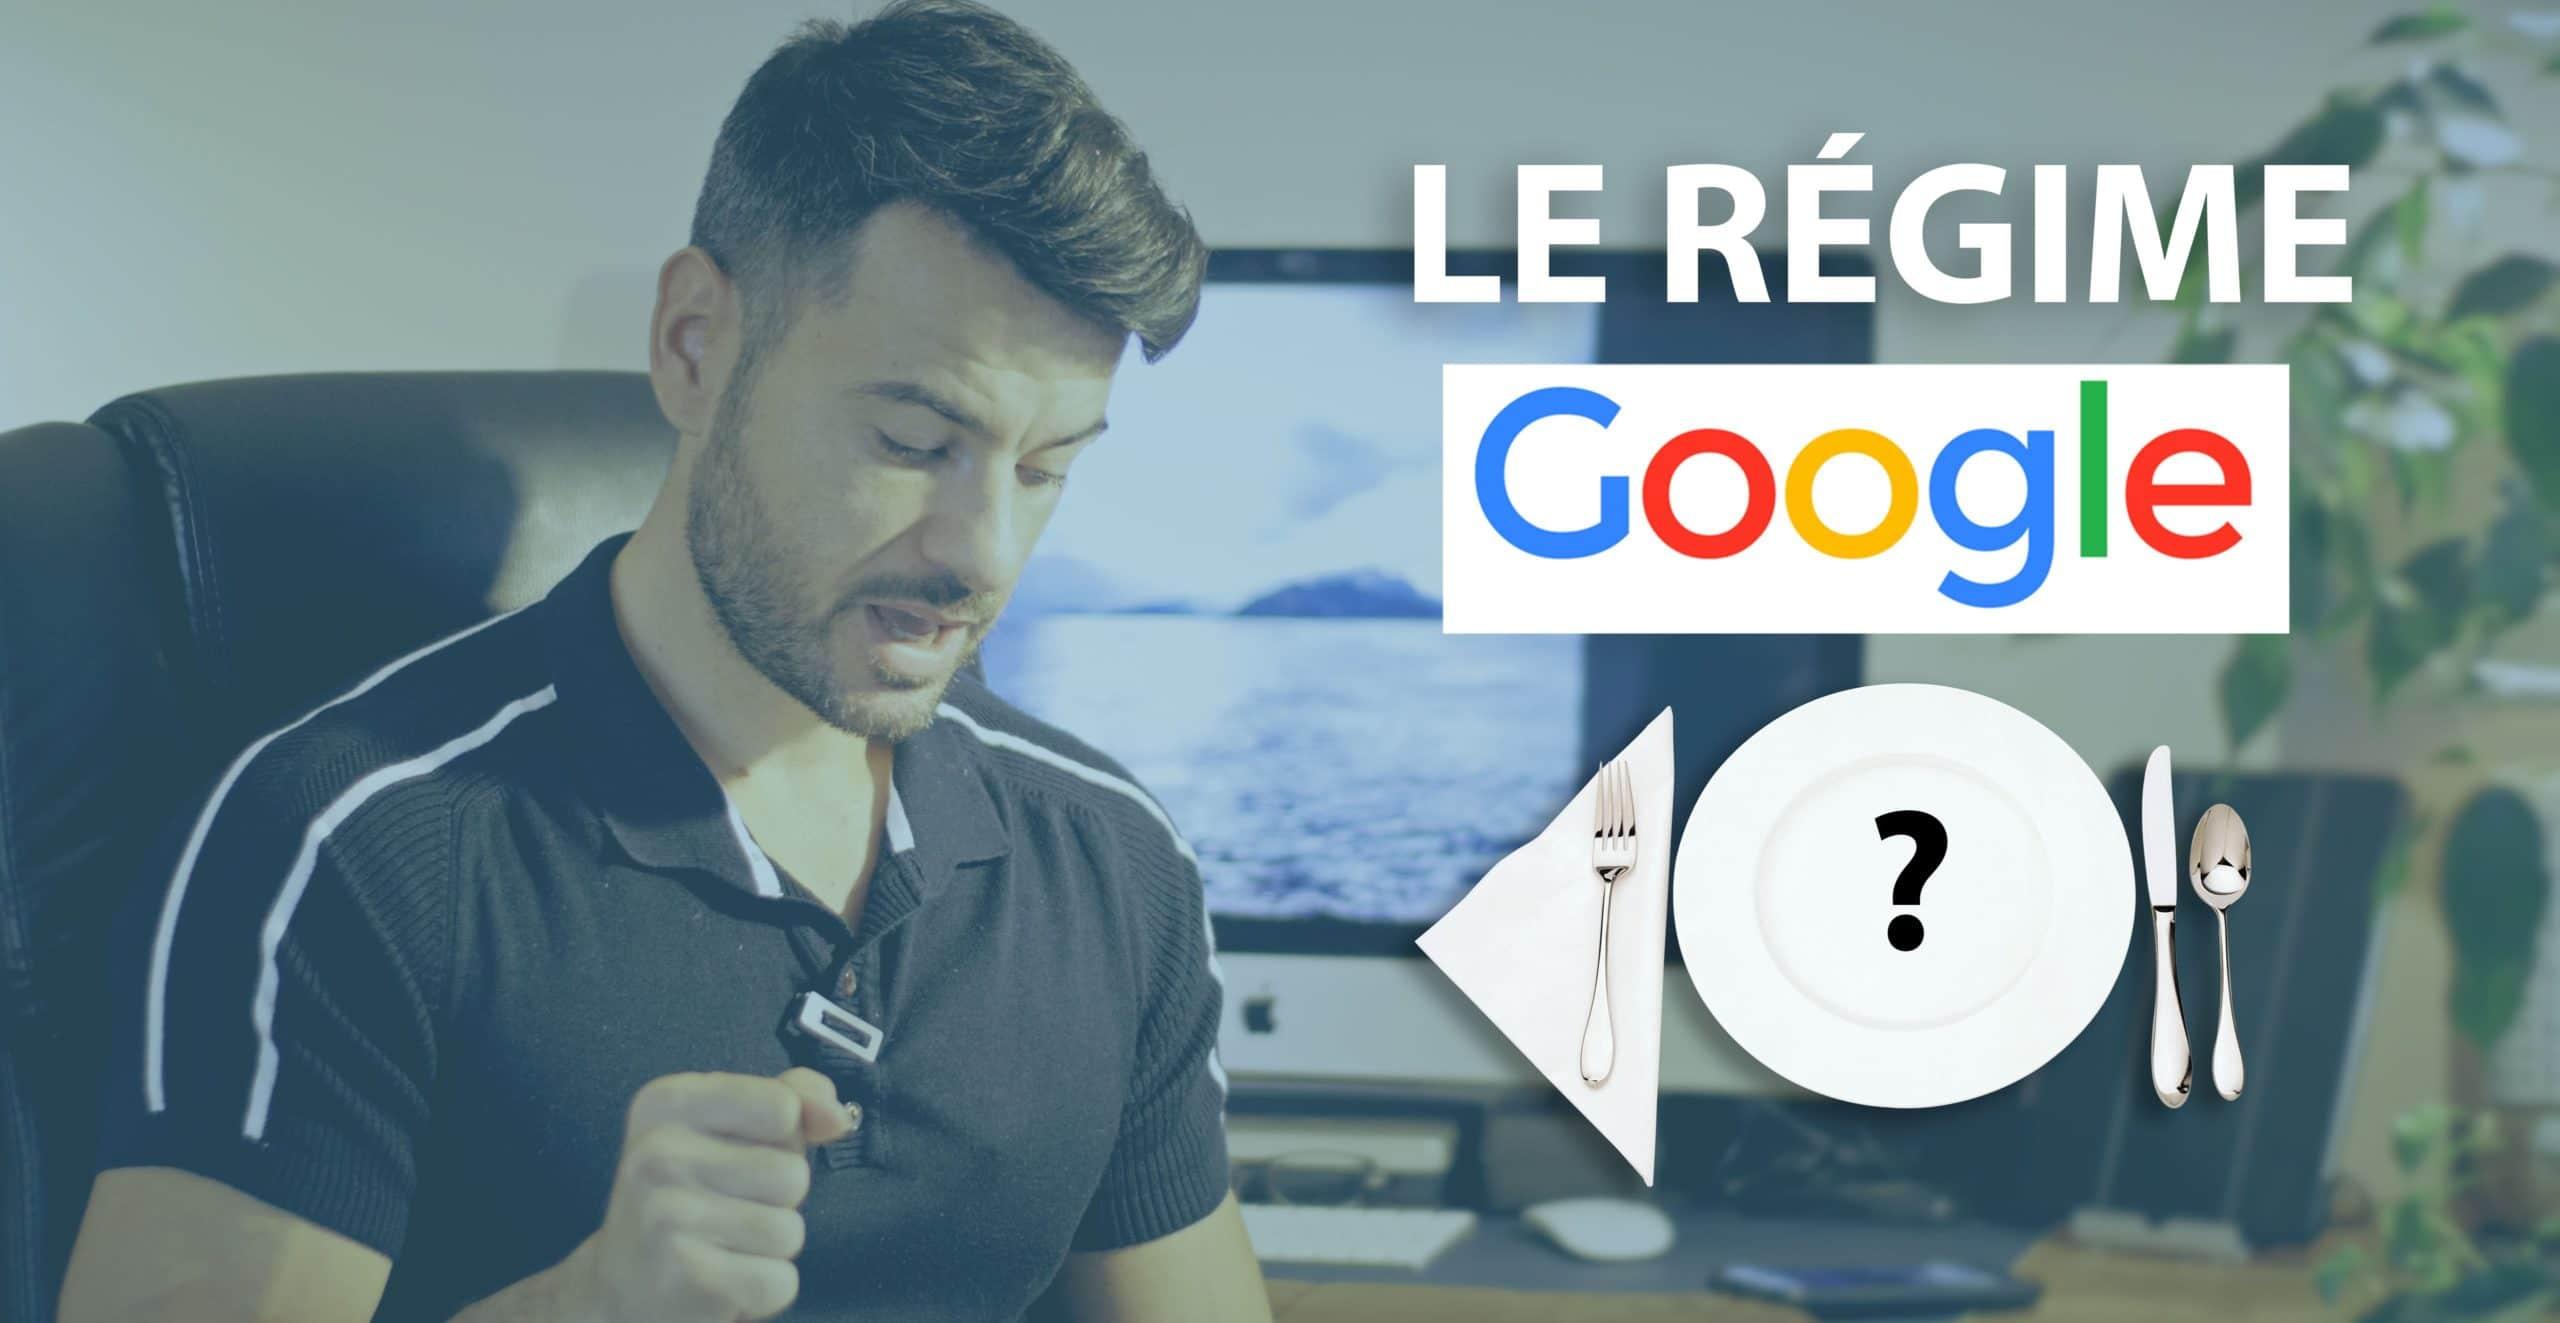 Le régime Google